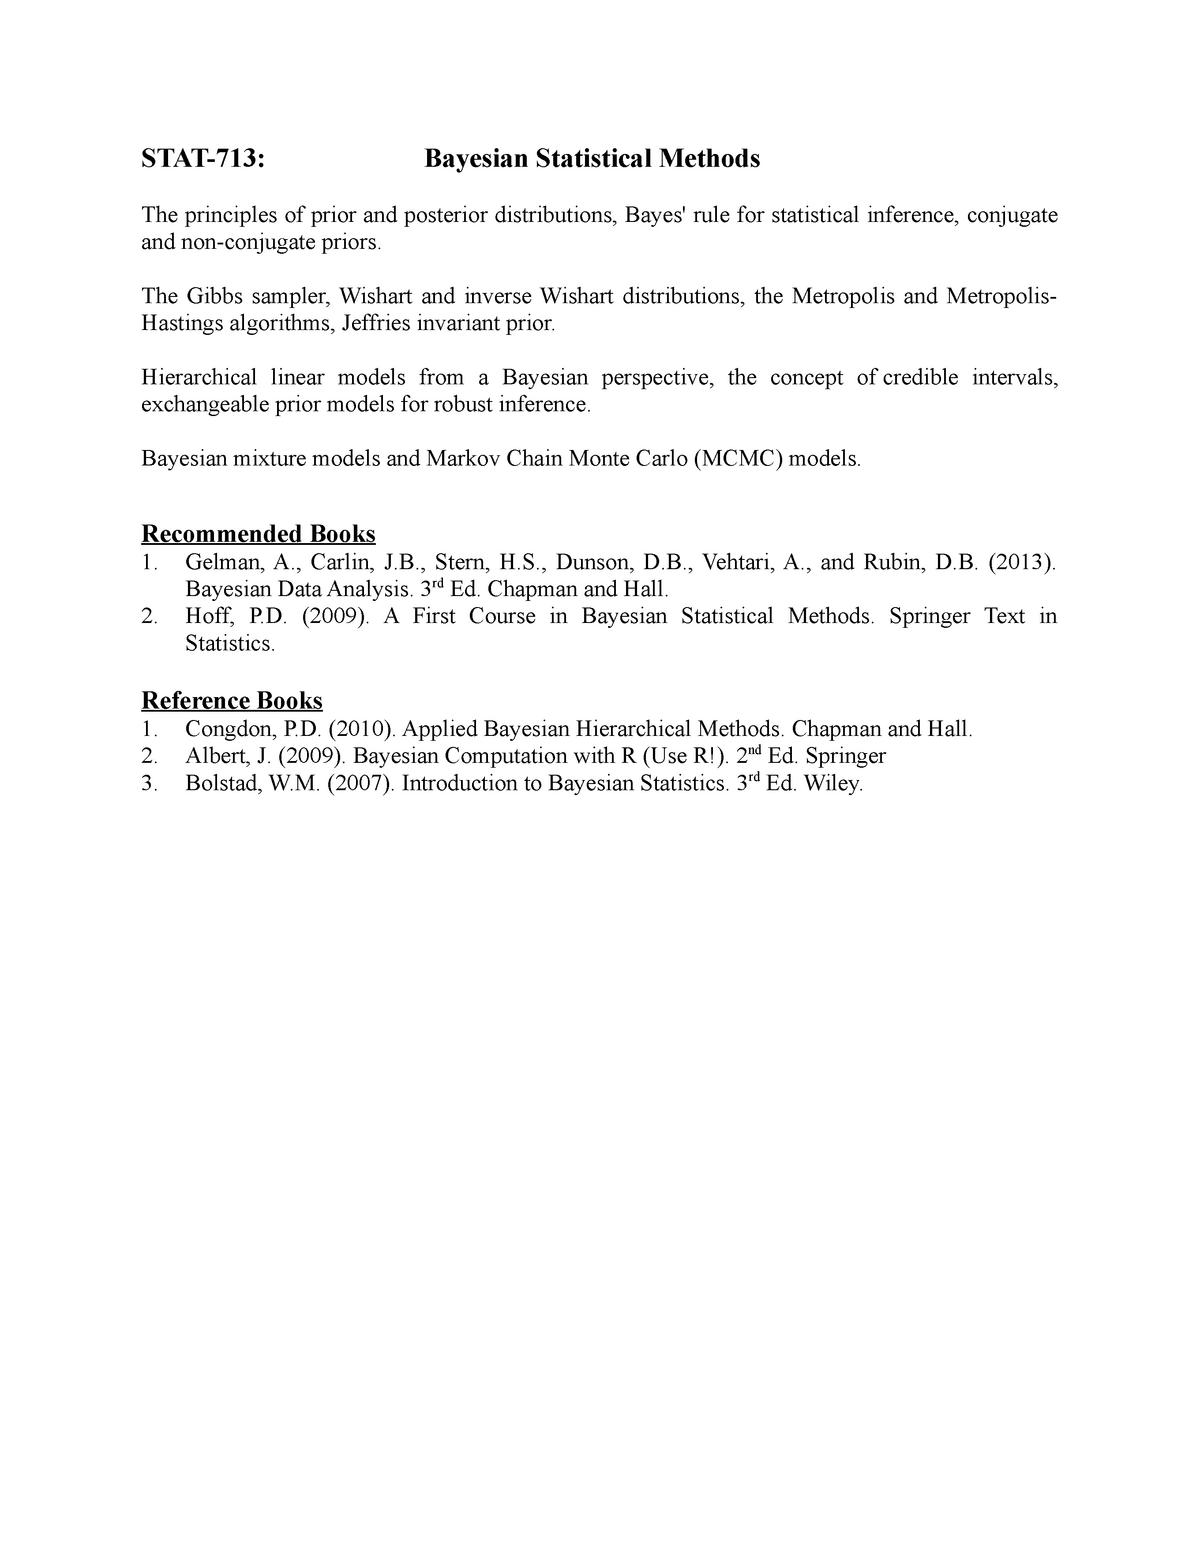 Stat-713 syllabus - STAT-713: Bayesian Statistical Methods